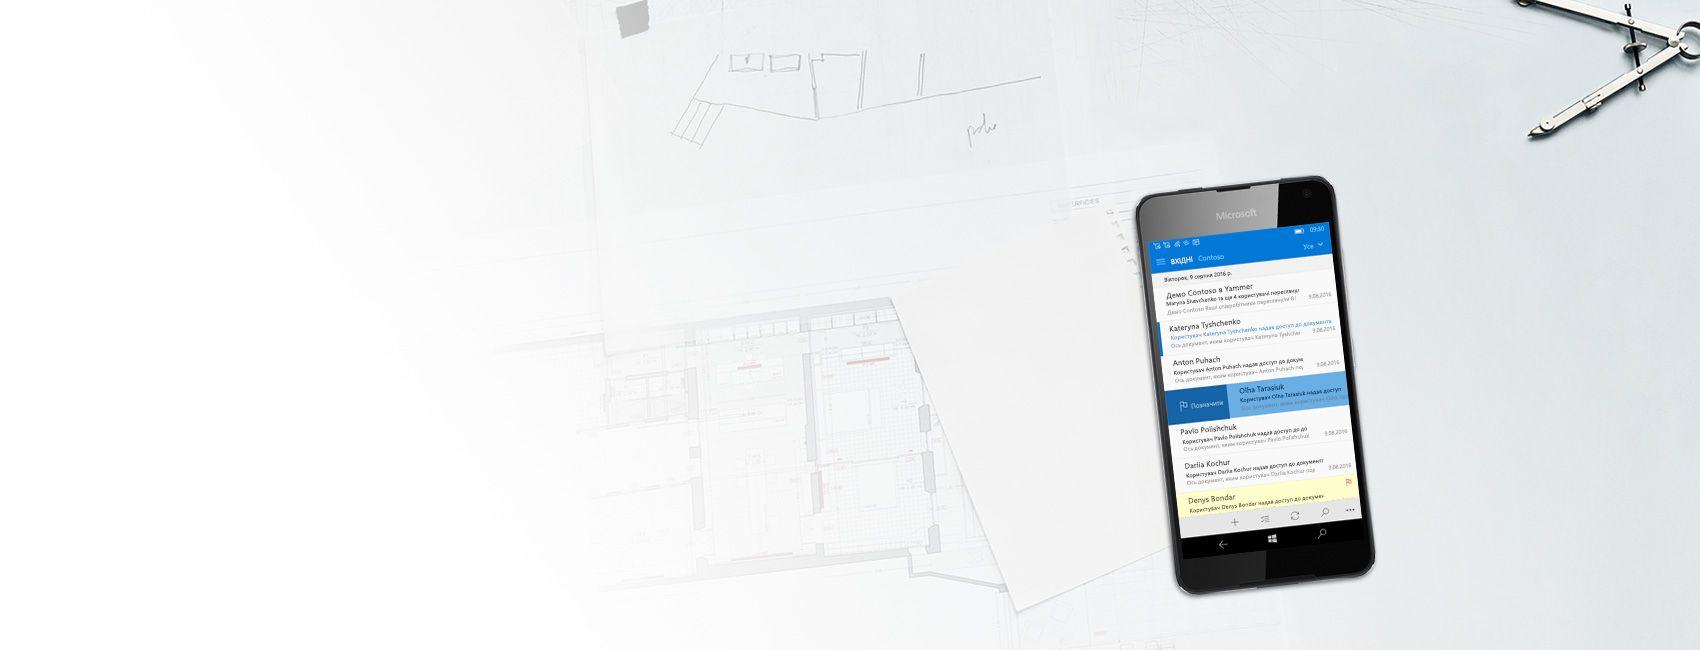 """Телефон із Windows, на якому відкрито папку """"Вхідні"""" в Outlook для Windows 10 Mobile"""